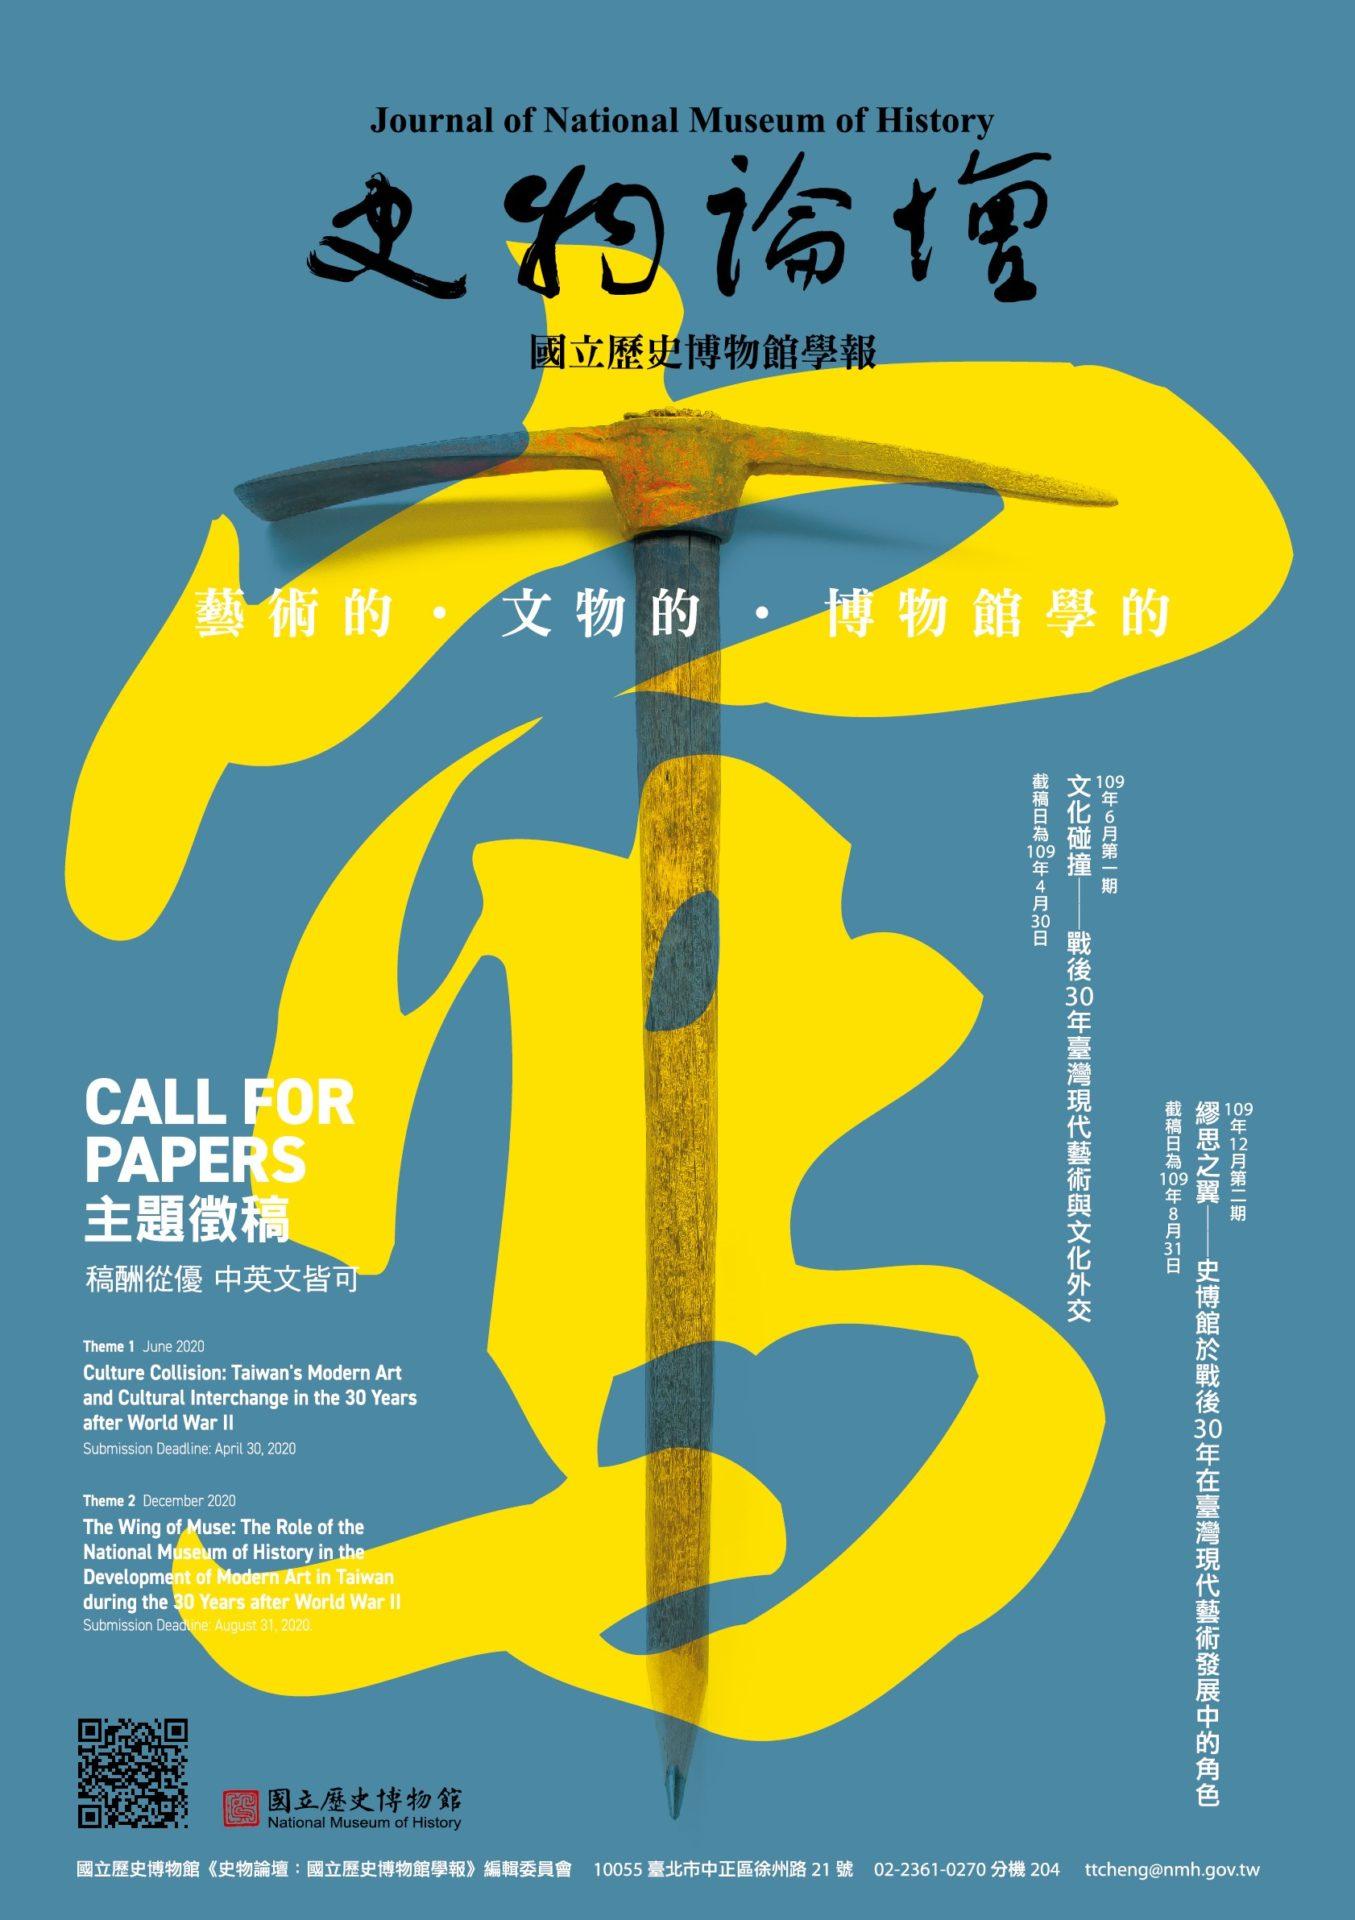 國立歷史博物館:即日起至4/30(第一期)、8/31(第二期)熱烈徵稿【史物論壇:國立歷史博物館學報】